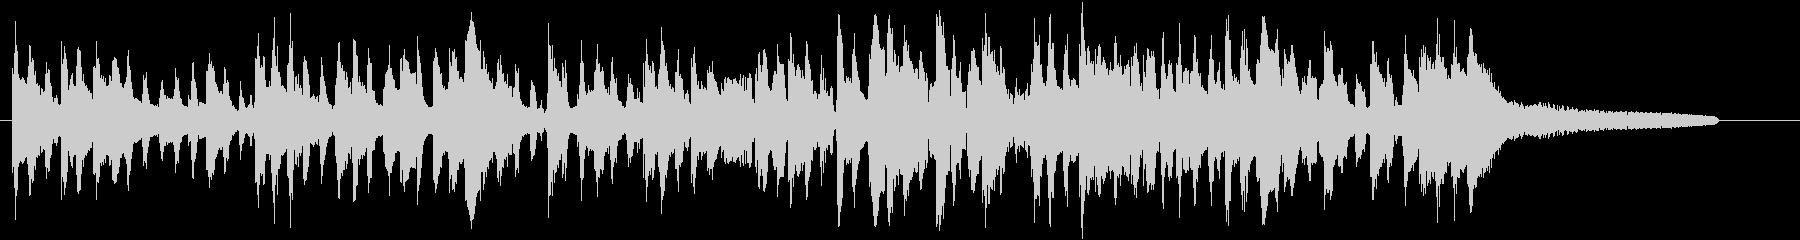 アダルトなジプシージャズのジングルの未再生の波形